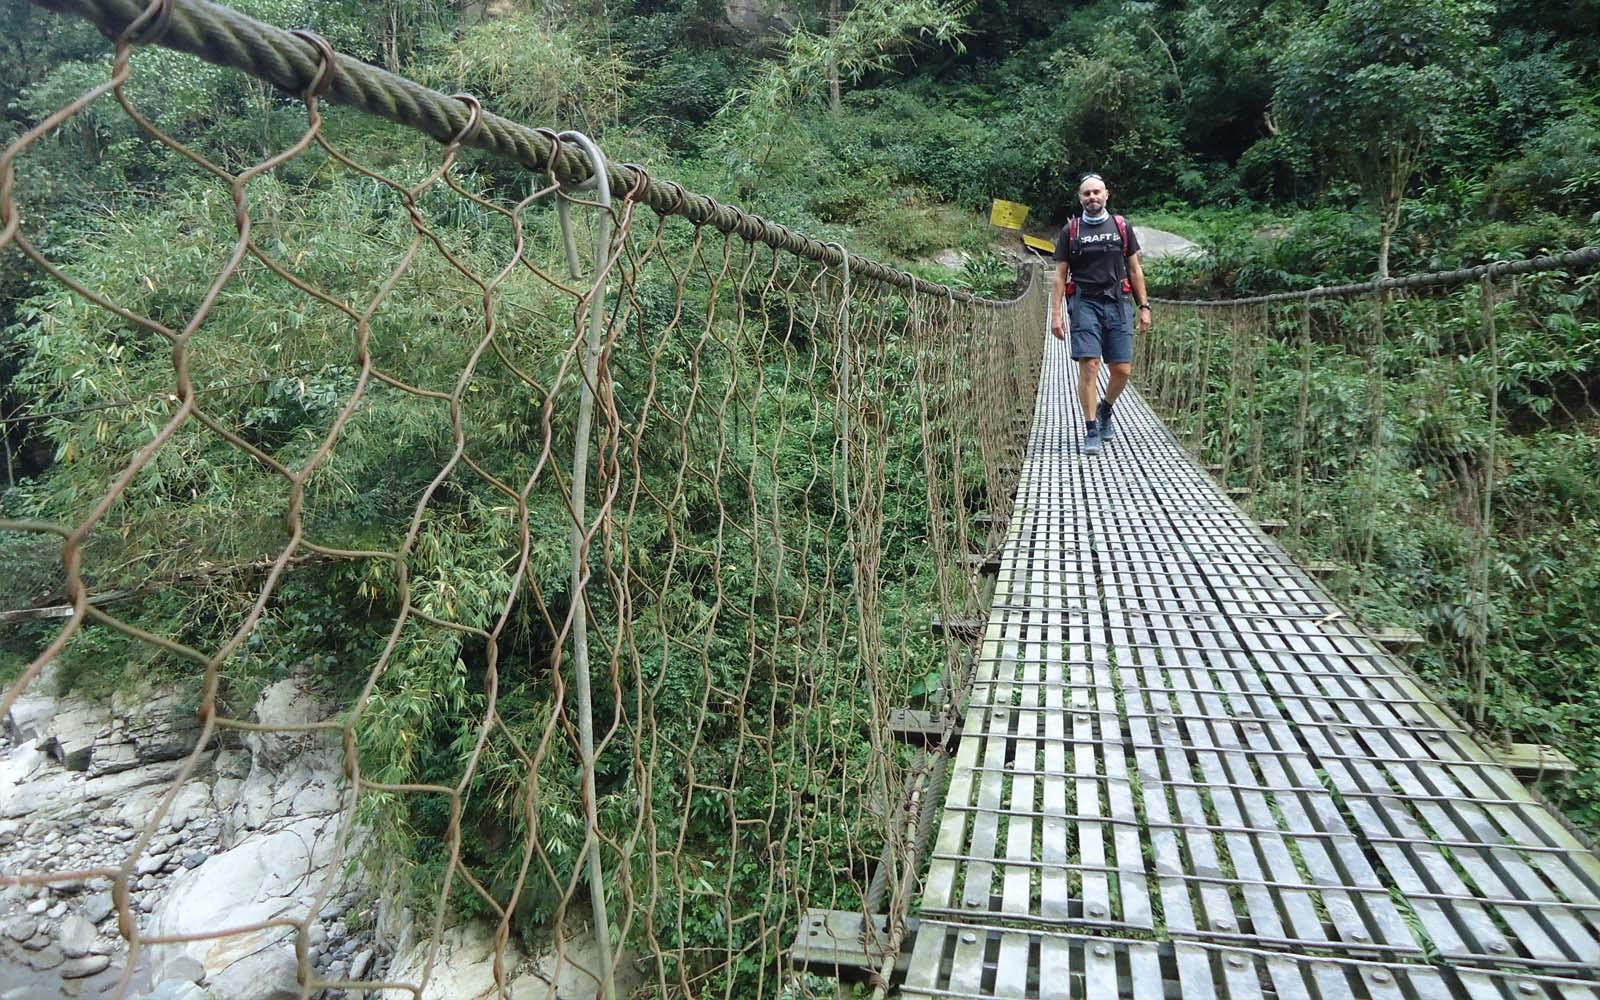 Nouveau pont sur l'Arun - Photo Michael Bois